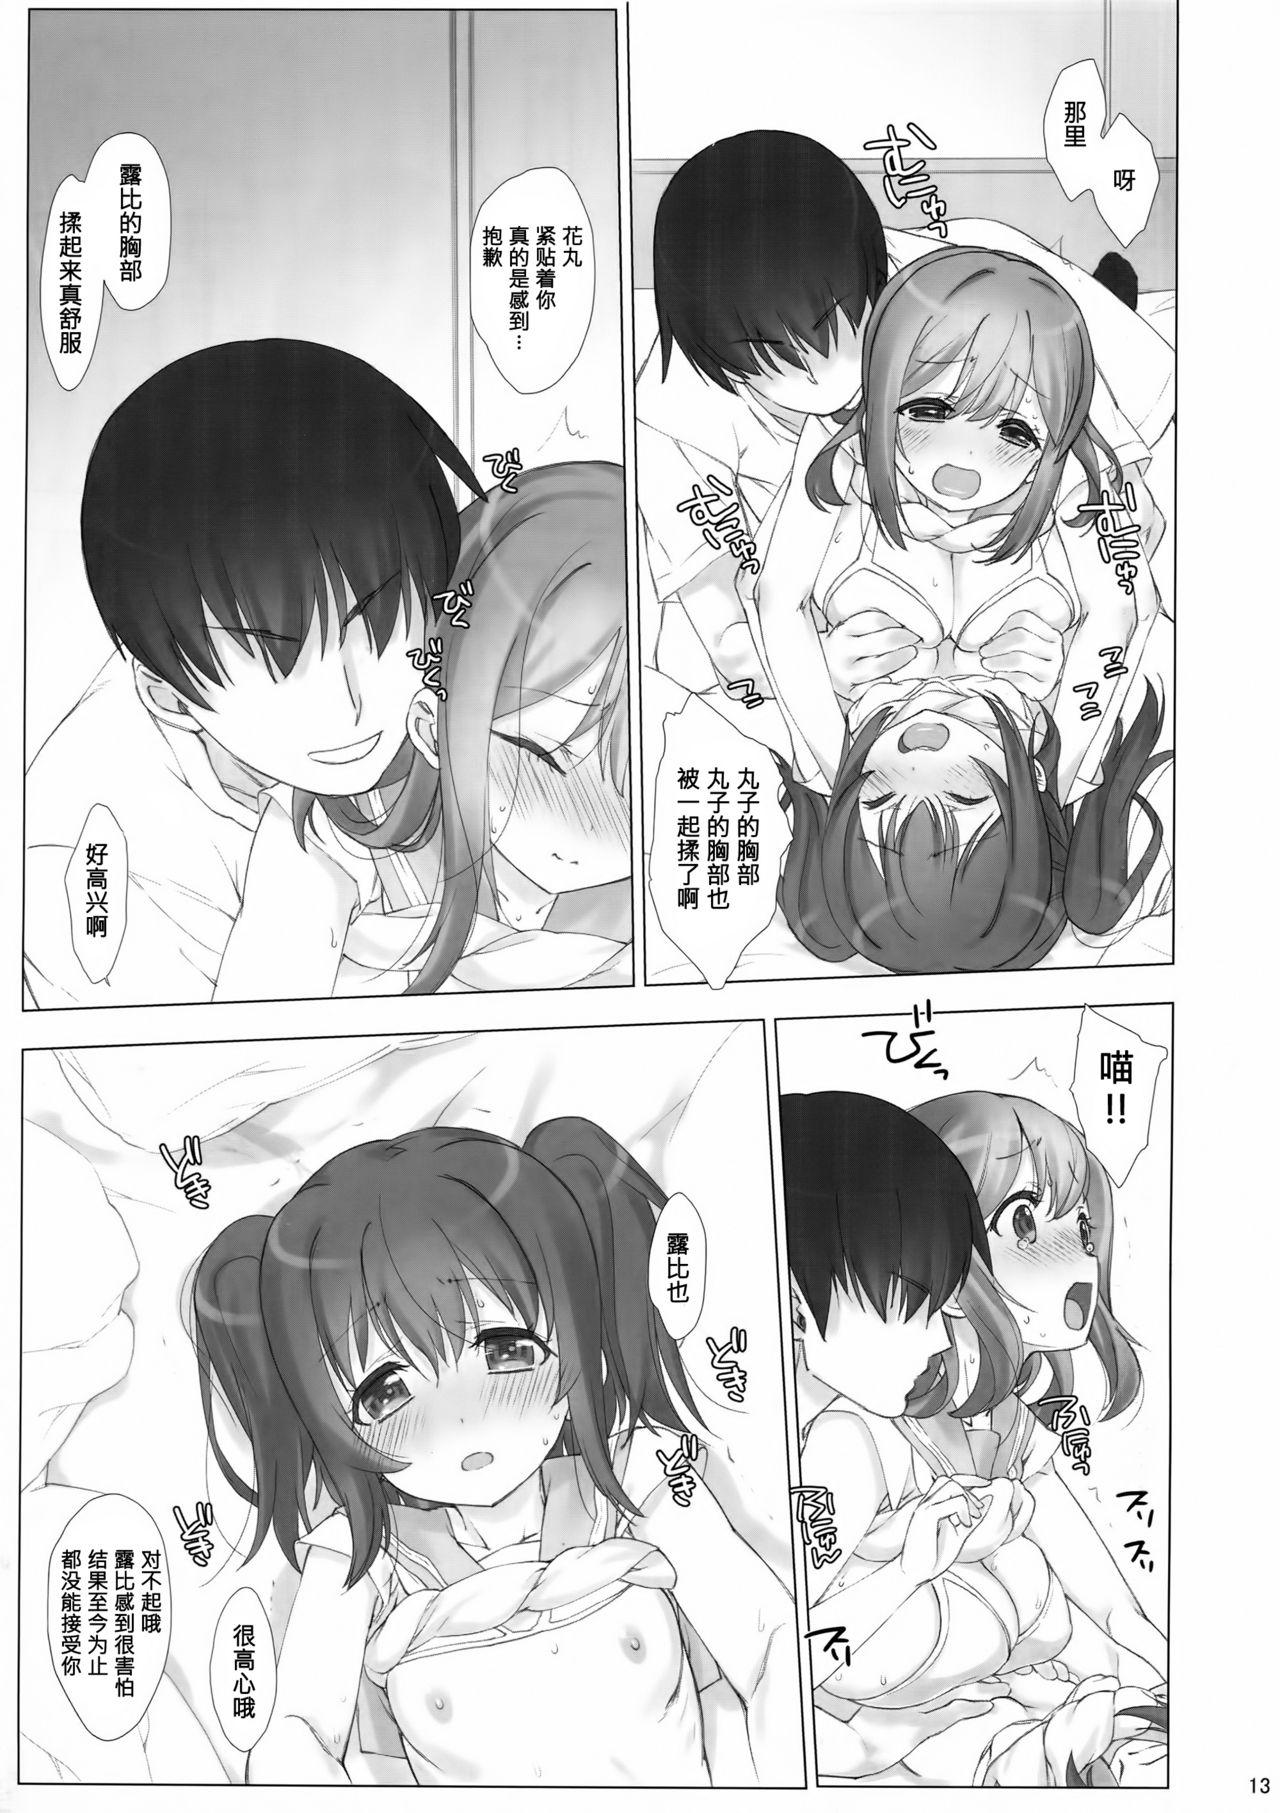 Ore no Kanojo wa Ruby to Hanamaru 12